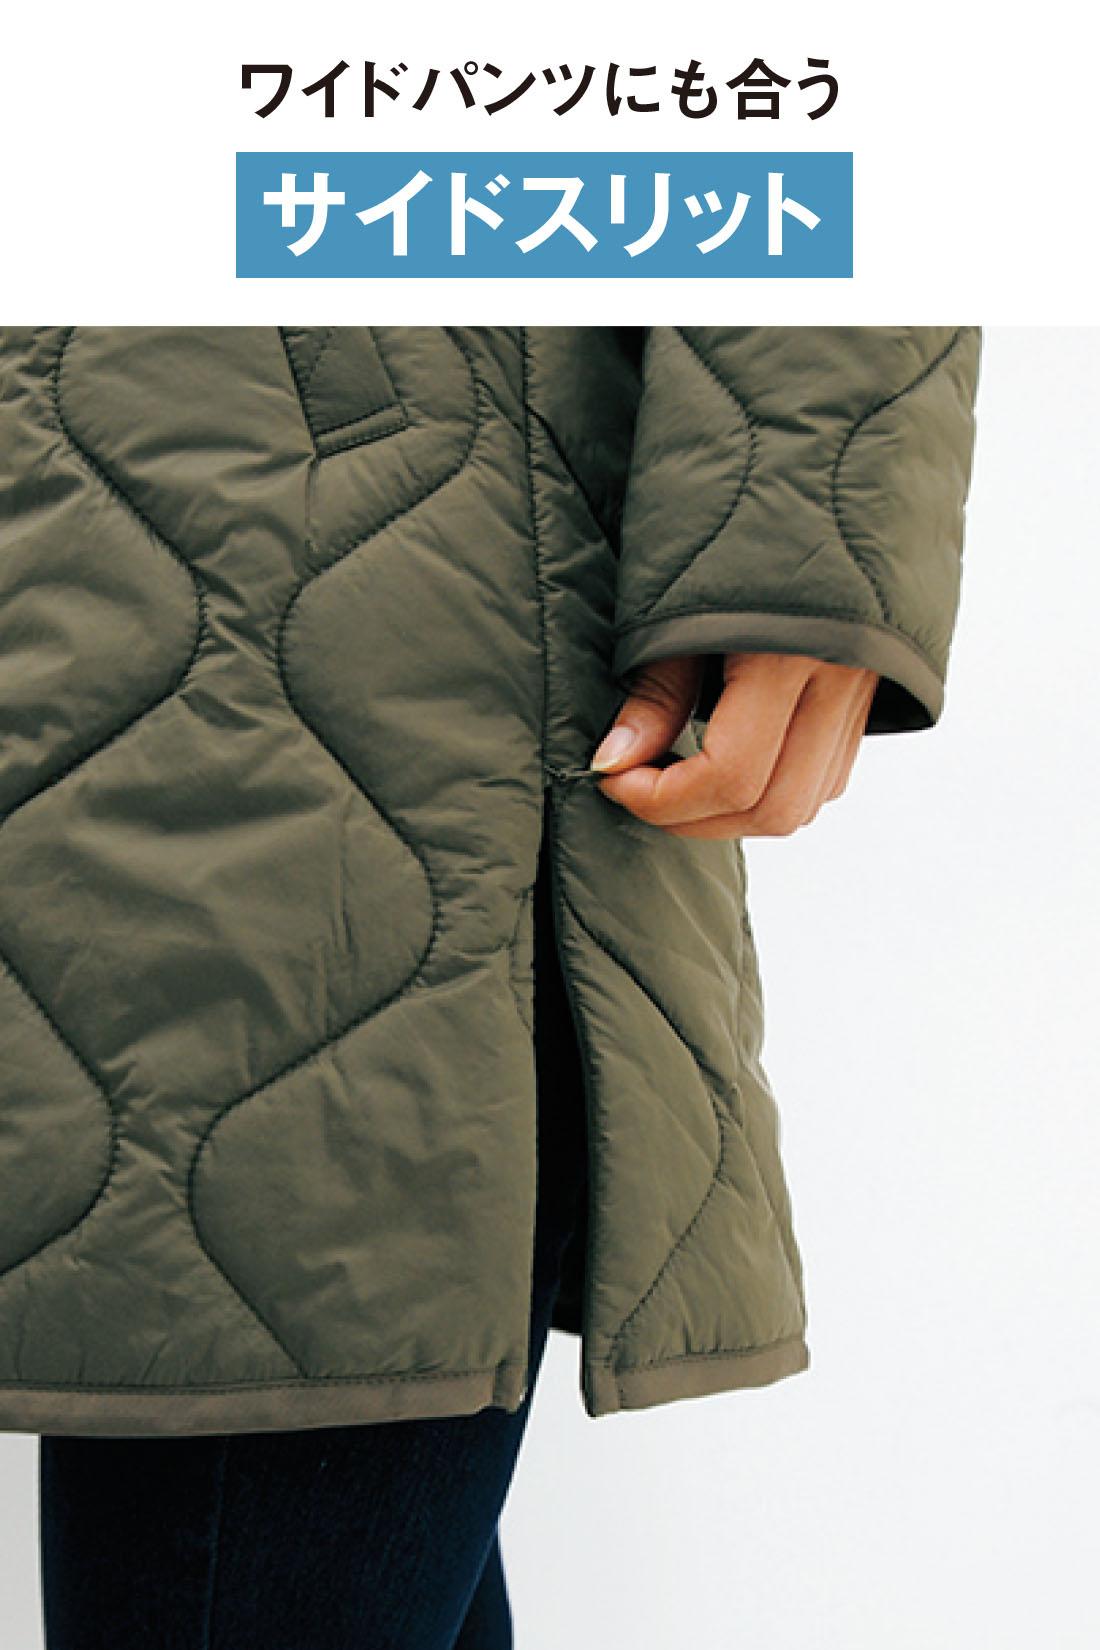 合わせるコートやスタイリングに応じて、素早く開閉できるサイドファスナー式のスリットデザイン。脚さばきよく、シルエットにもニュアンスが出るので、こなれて見えるポイントに。